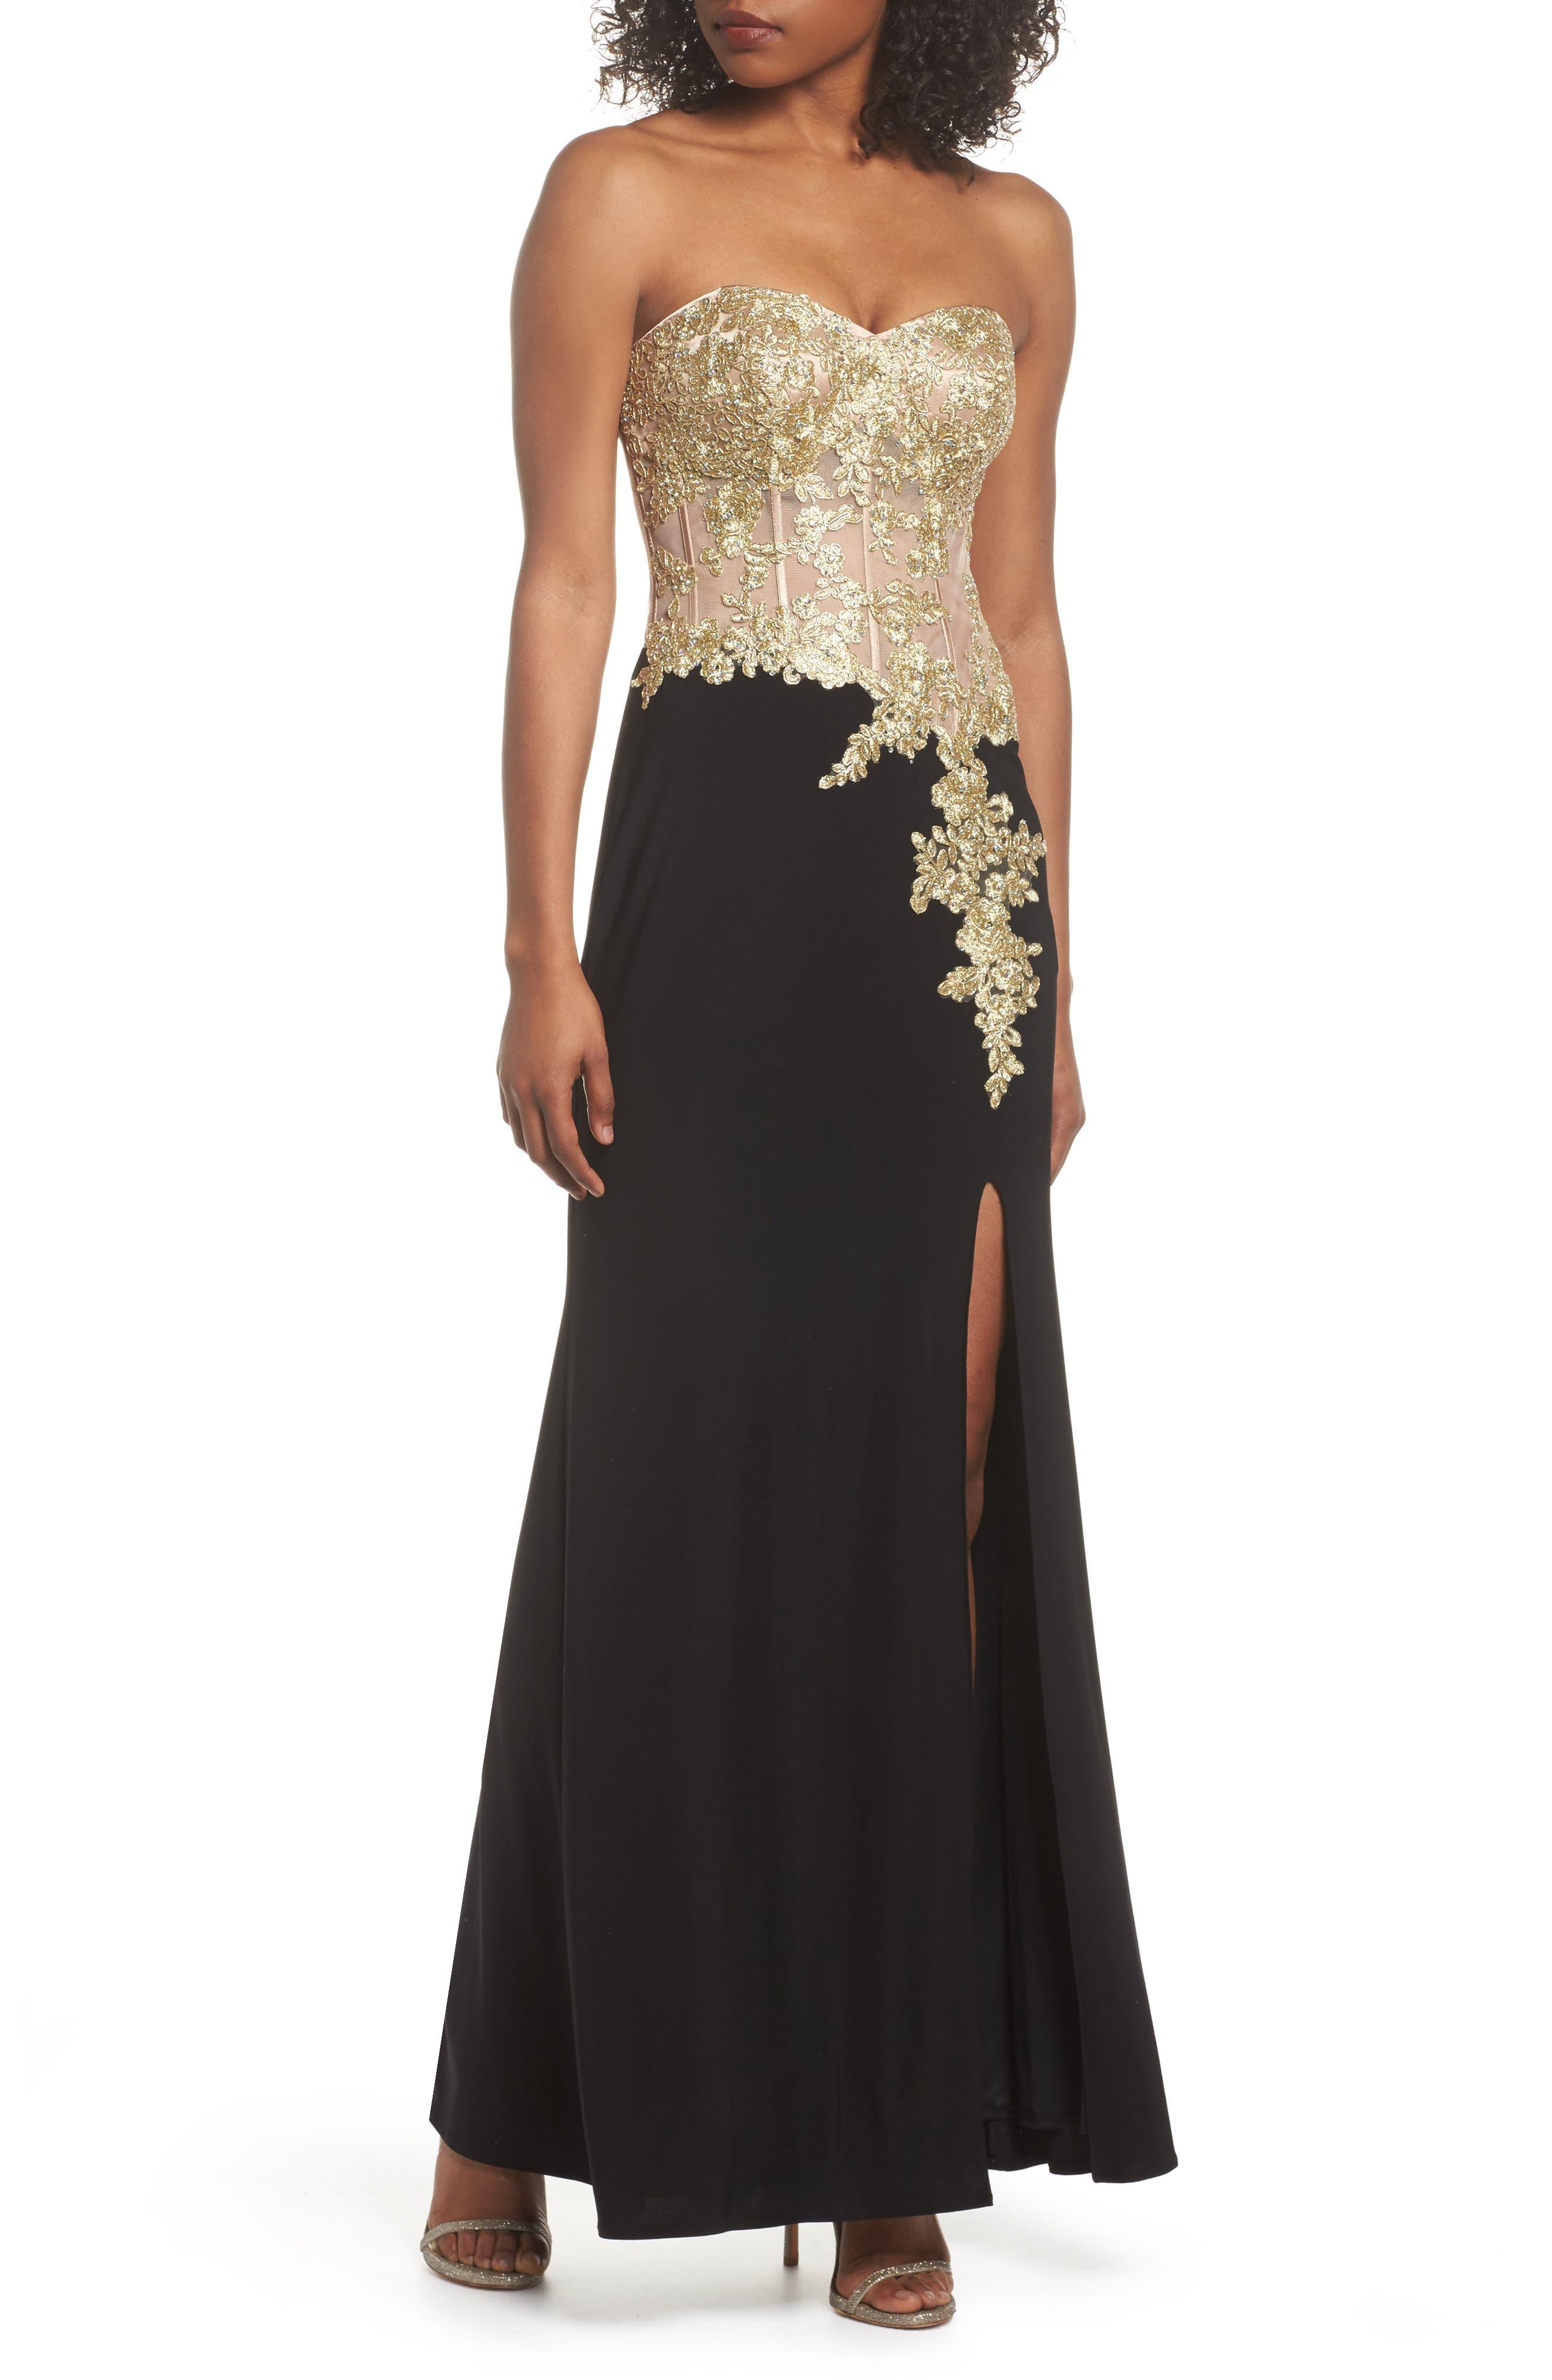 Blondie Nites Applique Strapless Bustier Gown, Metallic